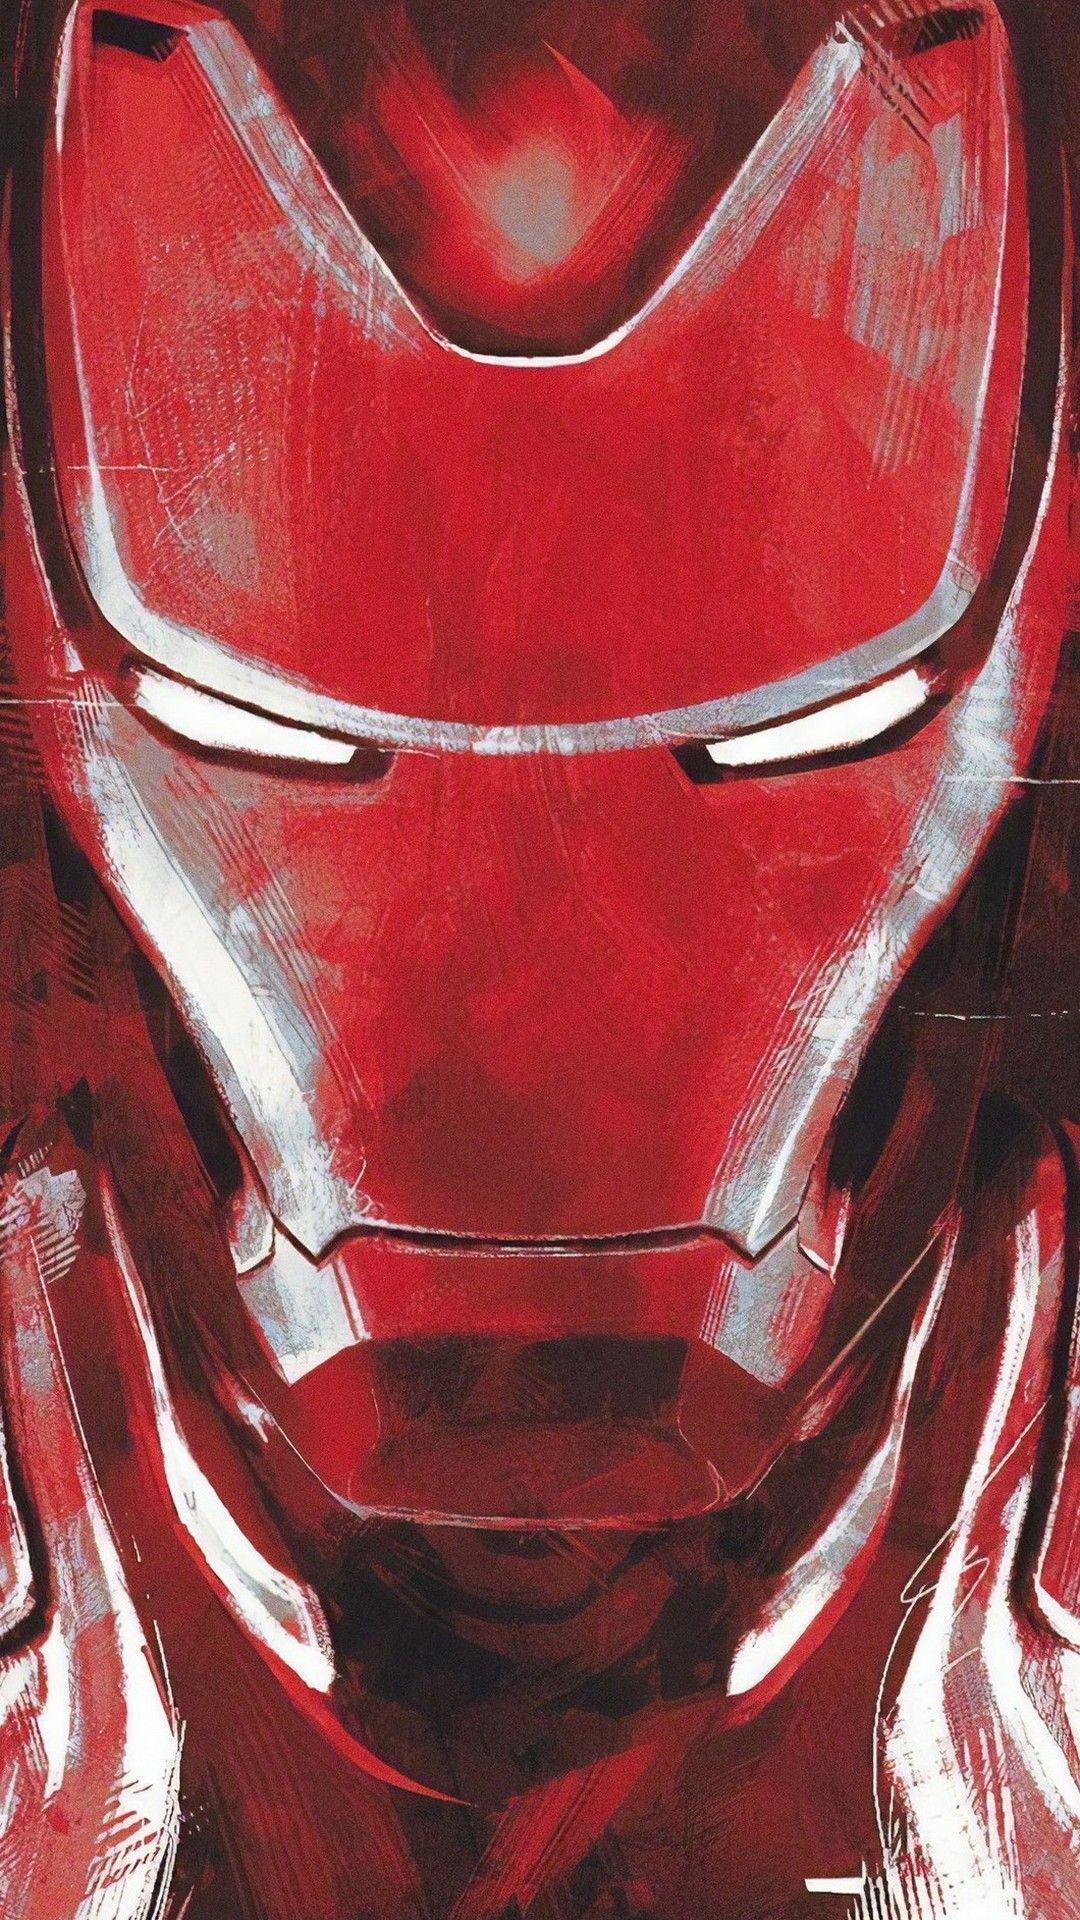 Avengers Endgame 2019 Cell Phones Wallpaper Best Phone Wallpaper Hd Cool Wallpapers For Phones Phone Wallpaper For Men Iron Man Avengers